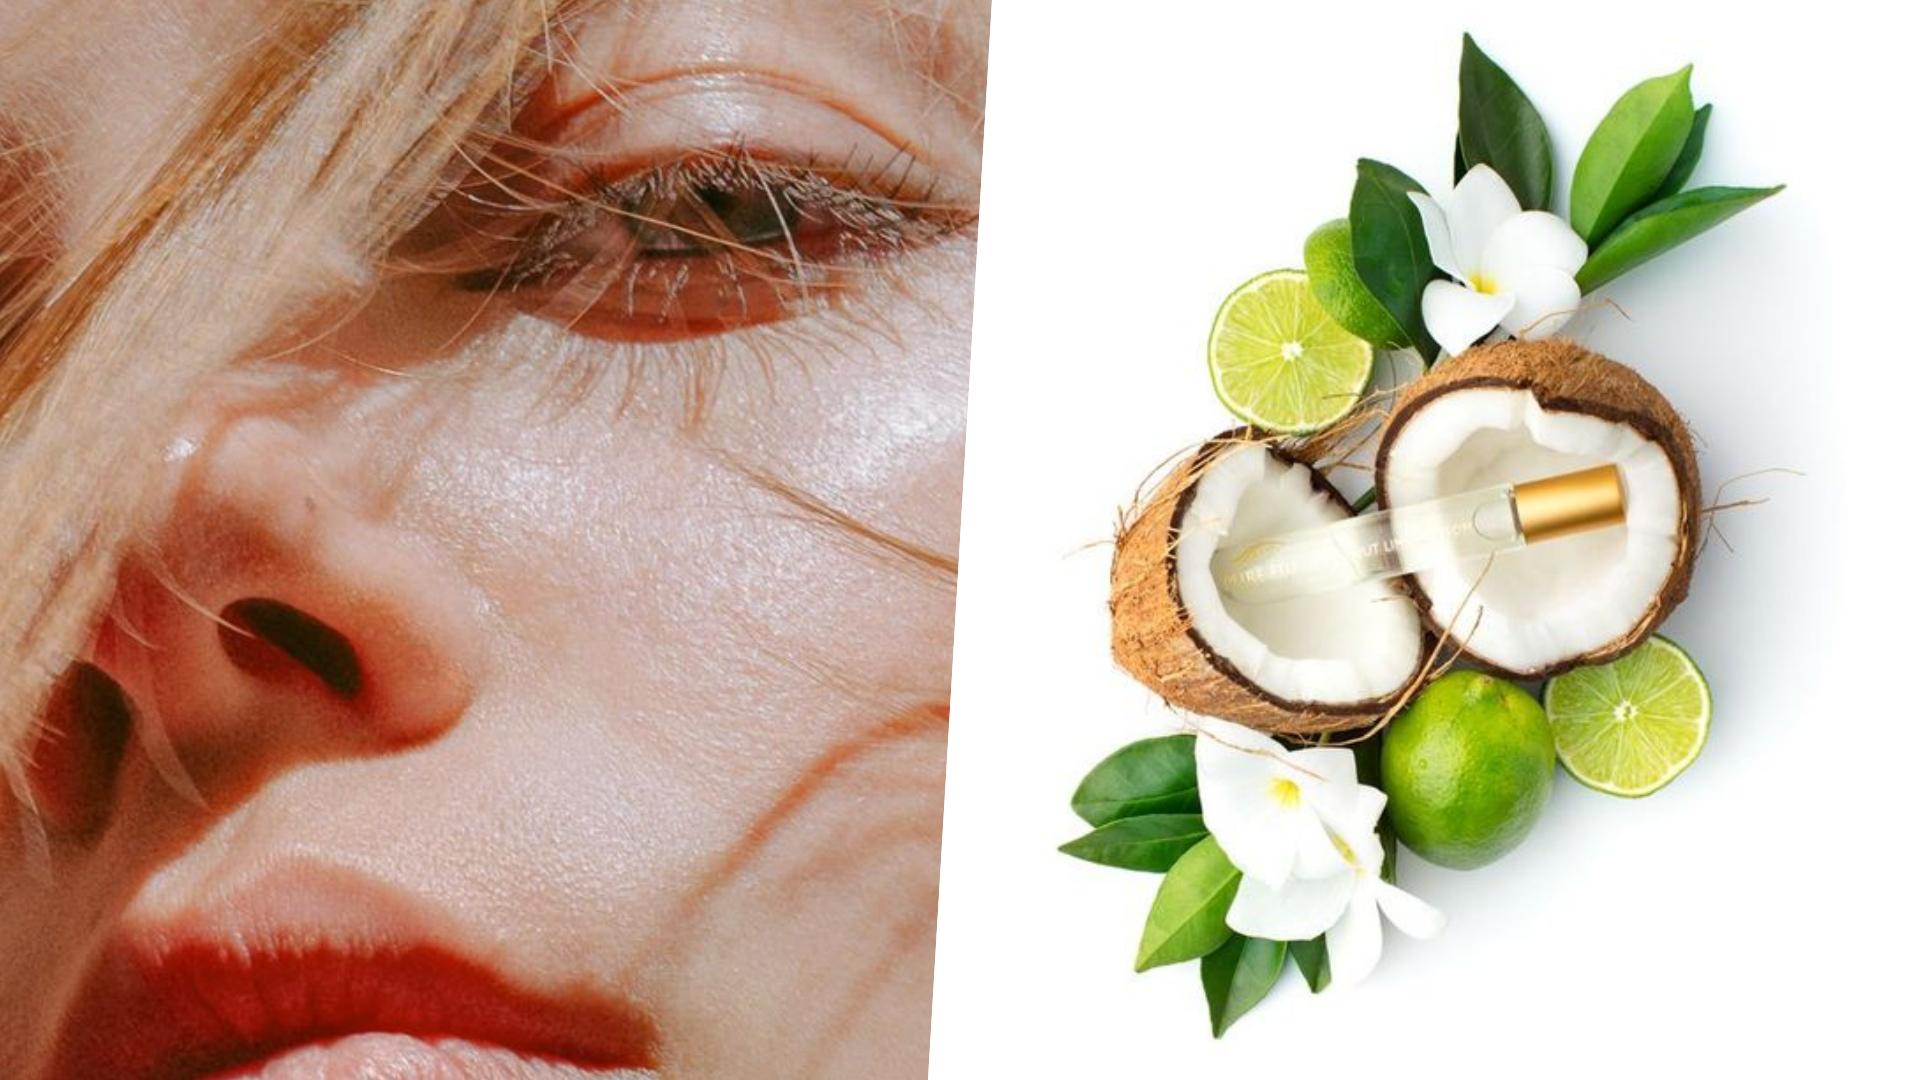 天然植萃的洗護產品使用起來療癒又安心。